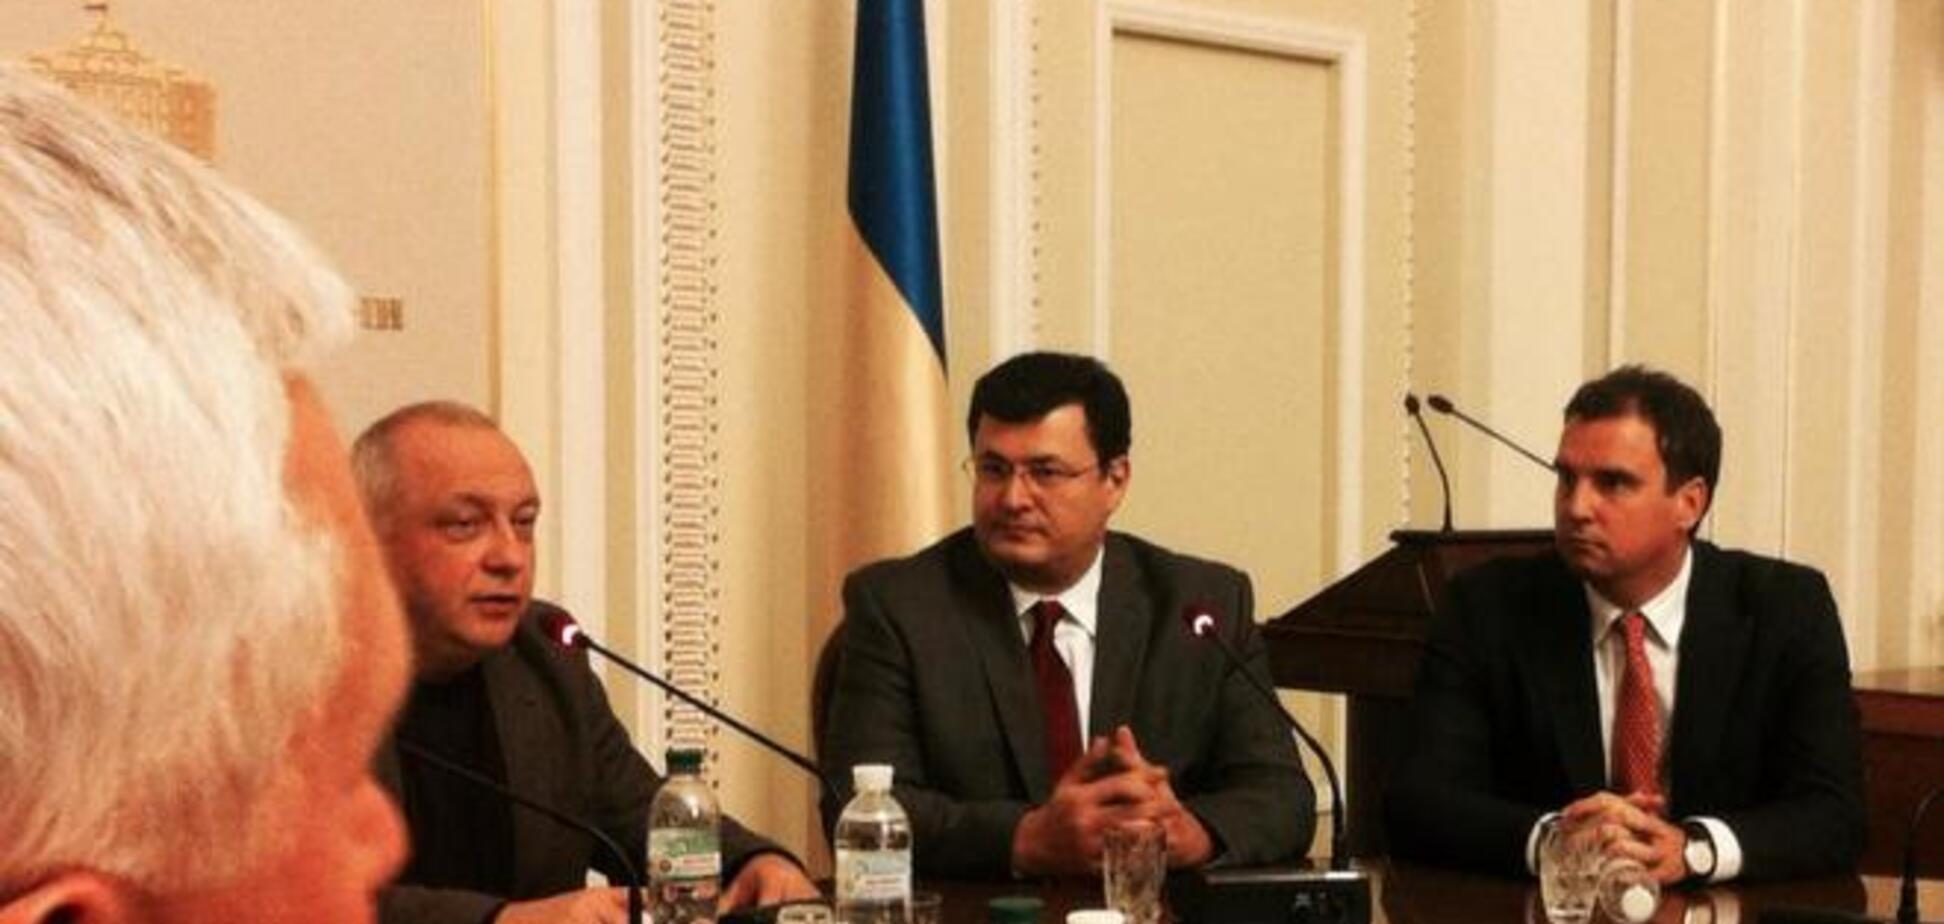 Саакашвілі відмовився від поста в Кабміні України, Квіташвілі - погодився